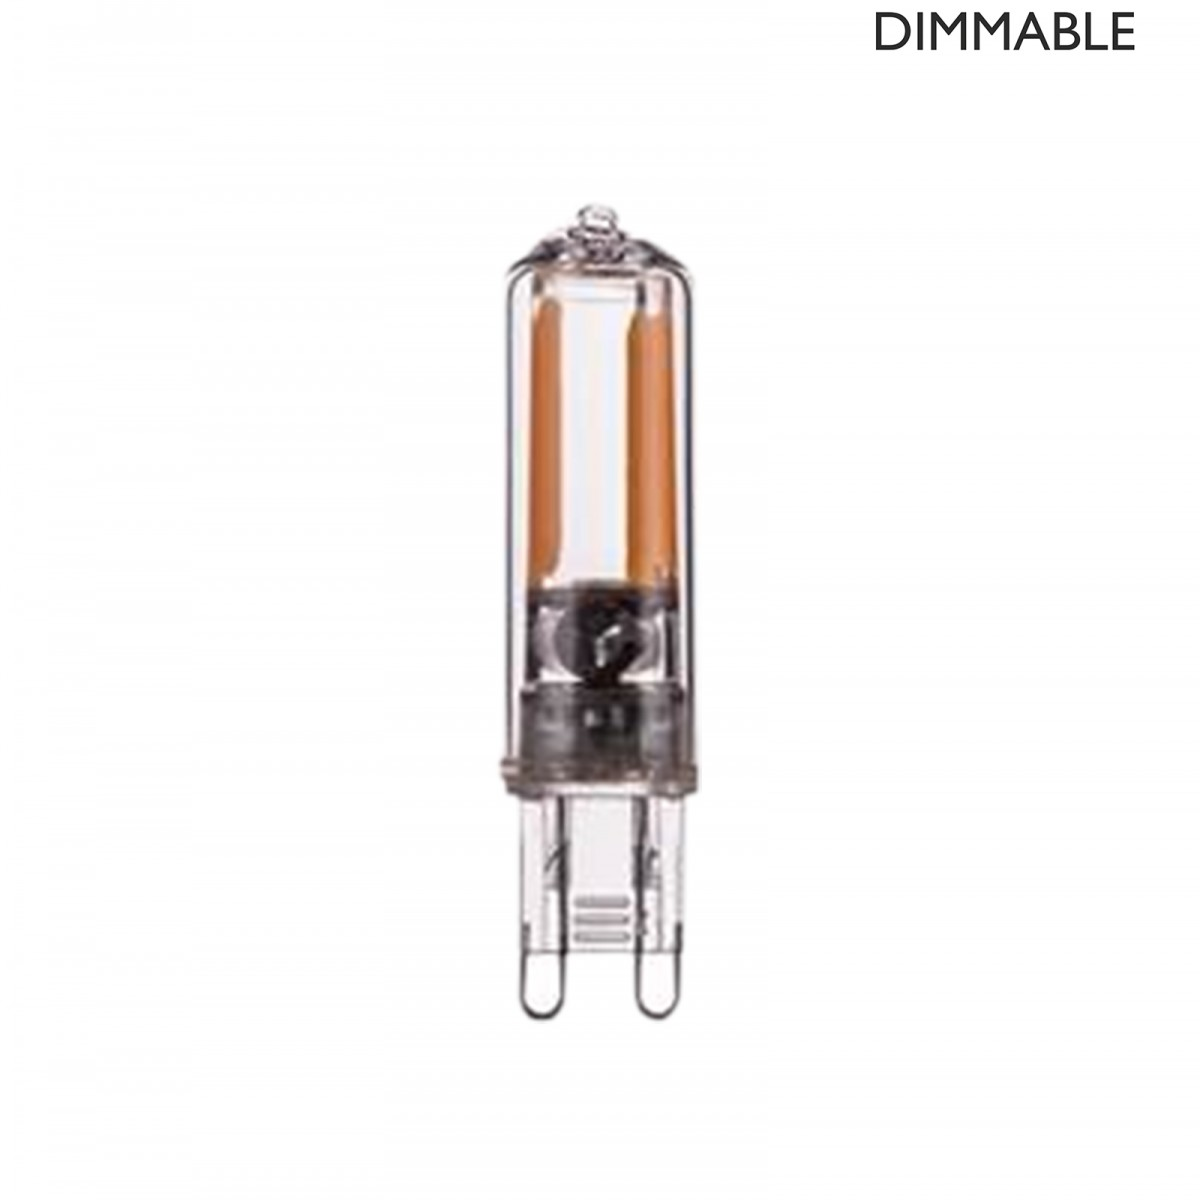 Bec LED filament dimabil L57, G9, 0.7cm, lumină caldă